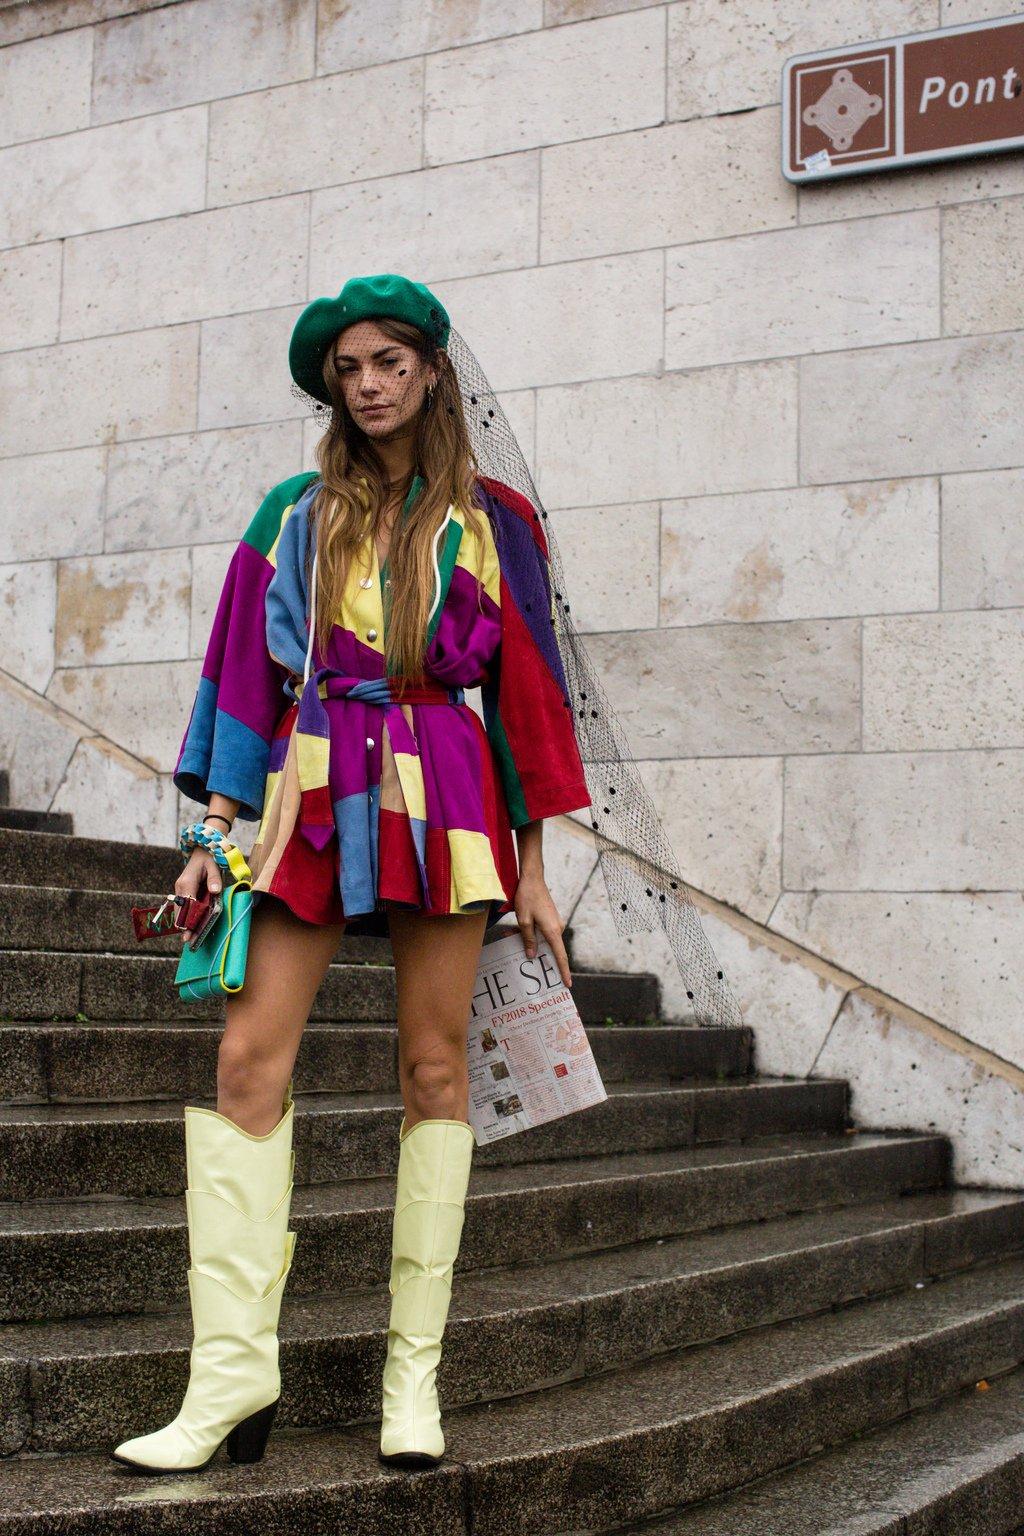 Znalezione obrazy dla zapytania street fashion paris 2020